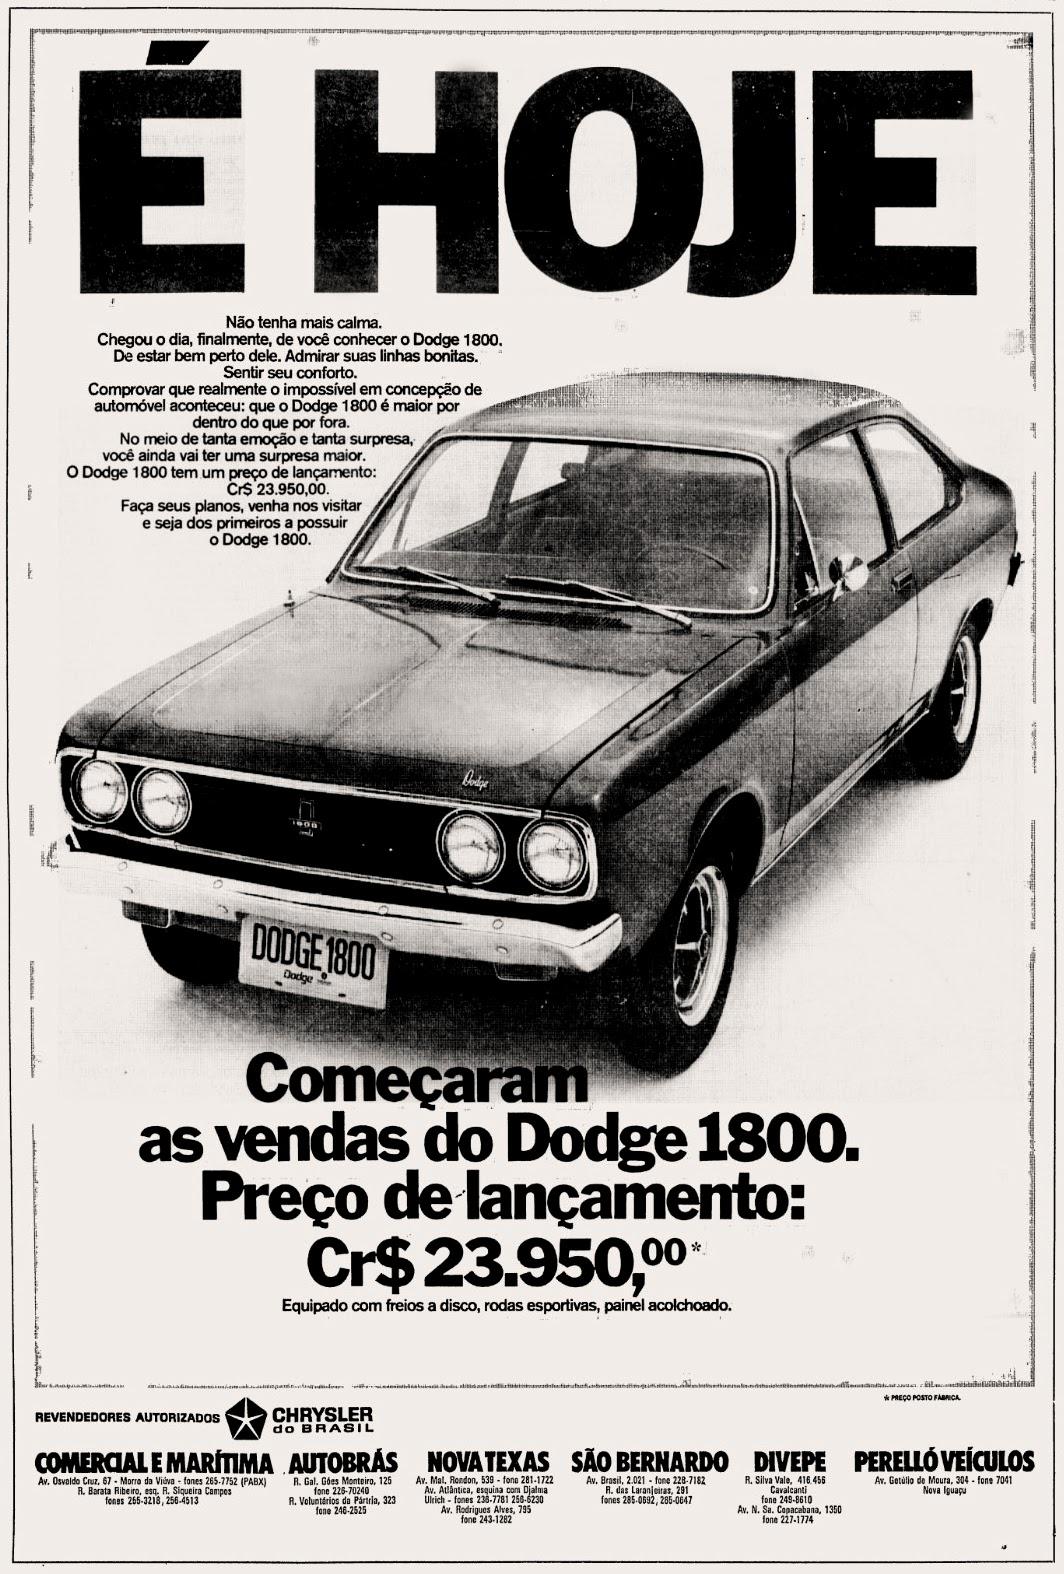 Chrysler. 1973. brazilian advertising cars in the 70. os anos 70. história da década de 70; Brazil in the 70s. propaganda carros anos 70. Oswaldo Hernandez.